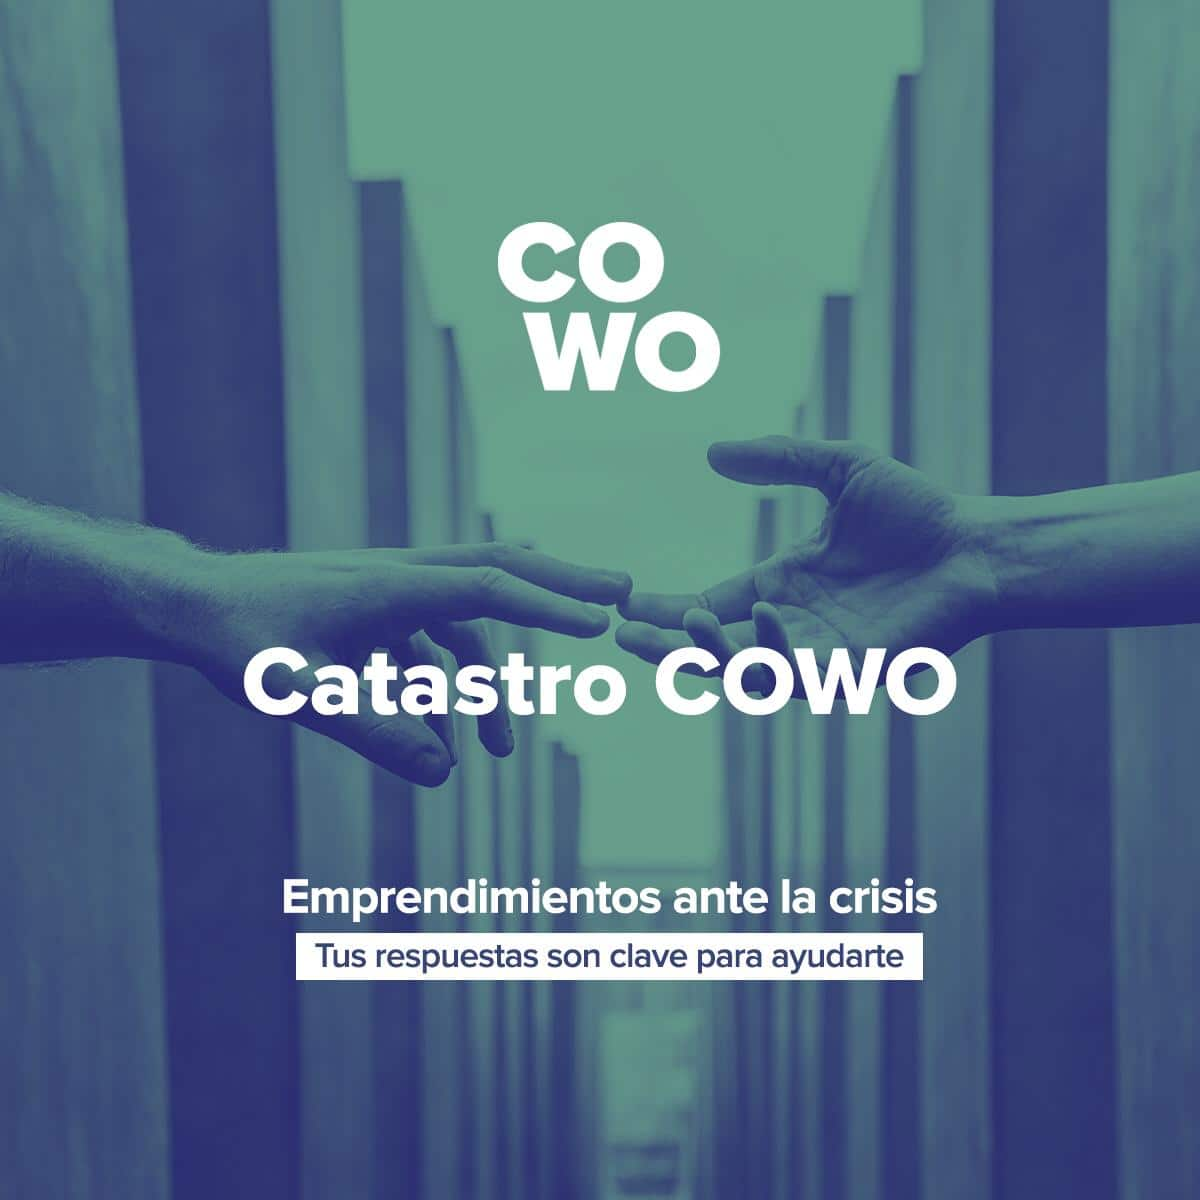 Catastro COWO